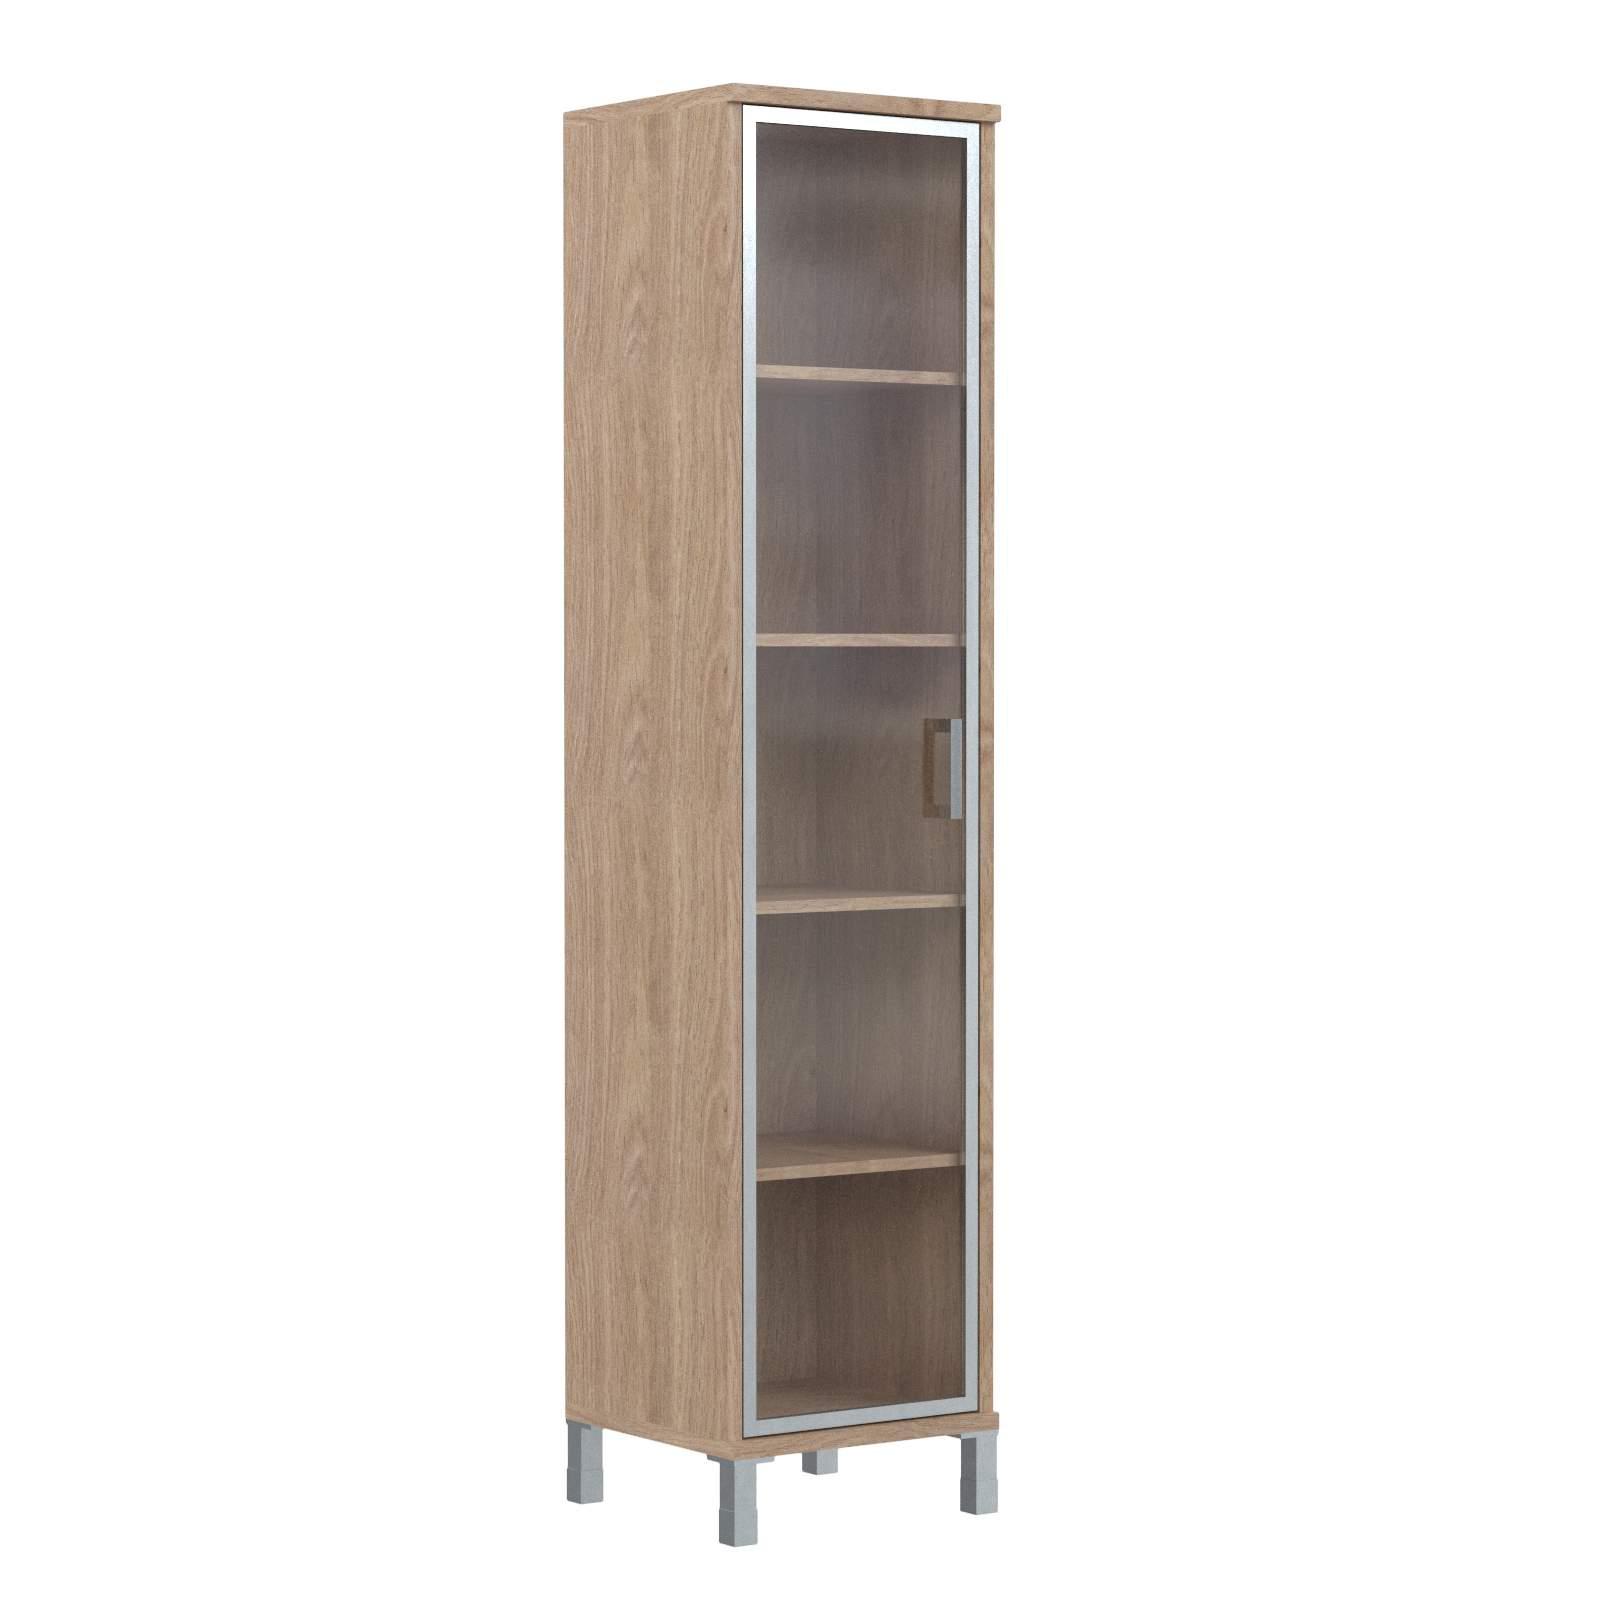 Шкаф колонка высокая со стеклянной дверью в алюм. рамке левая 475х435х2004